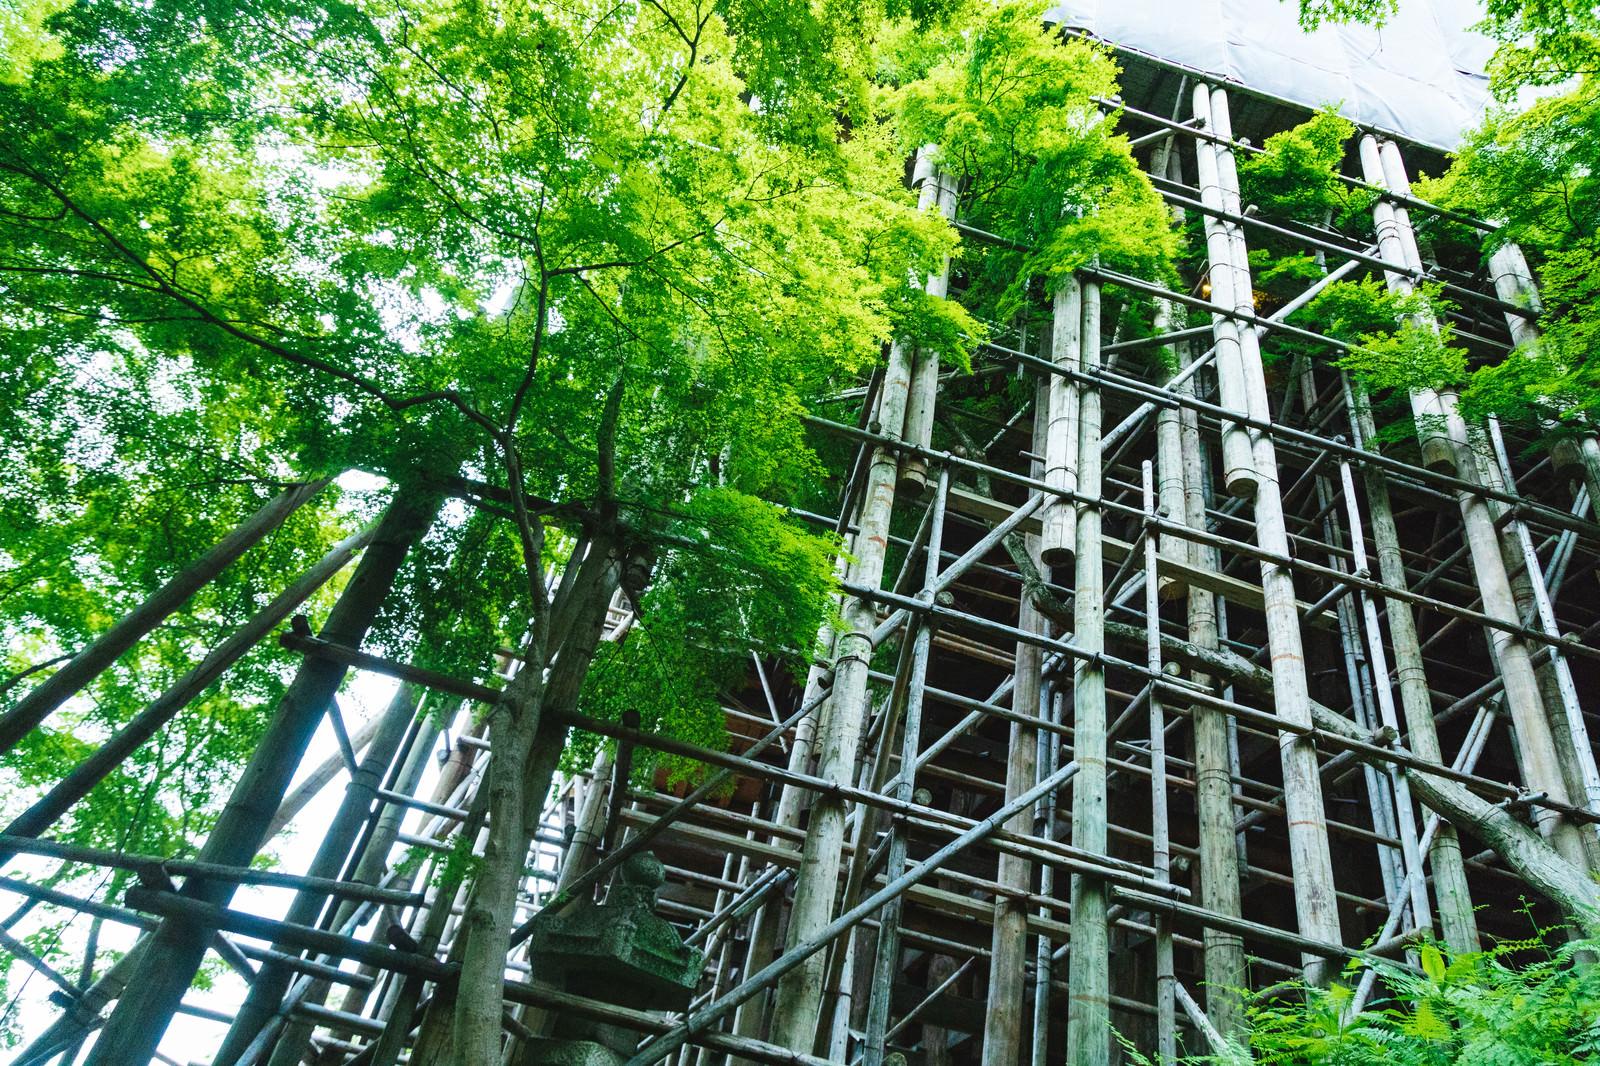 「平成の大改修で工事中の清水寺の足場平成の大改修で工事中の清水寺の足場」のフリー写真素材を拡大